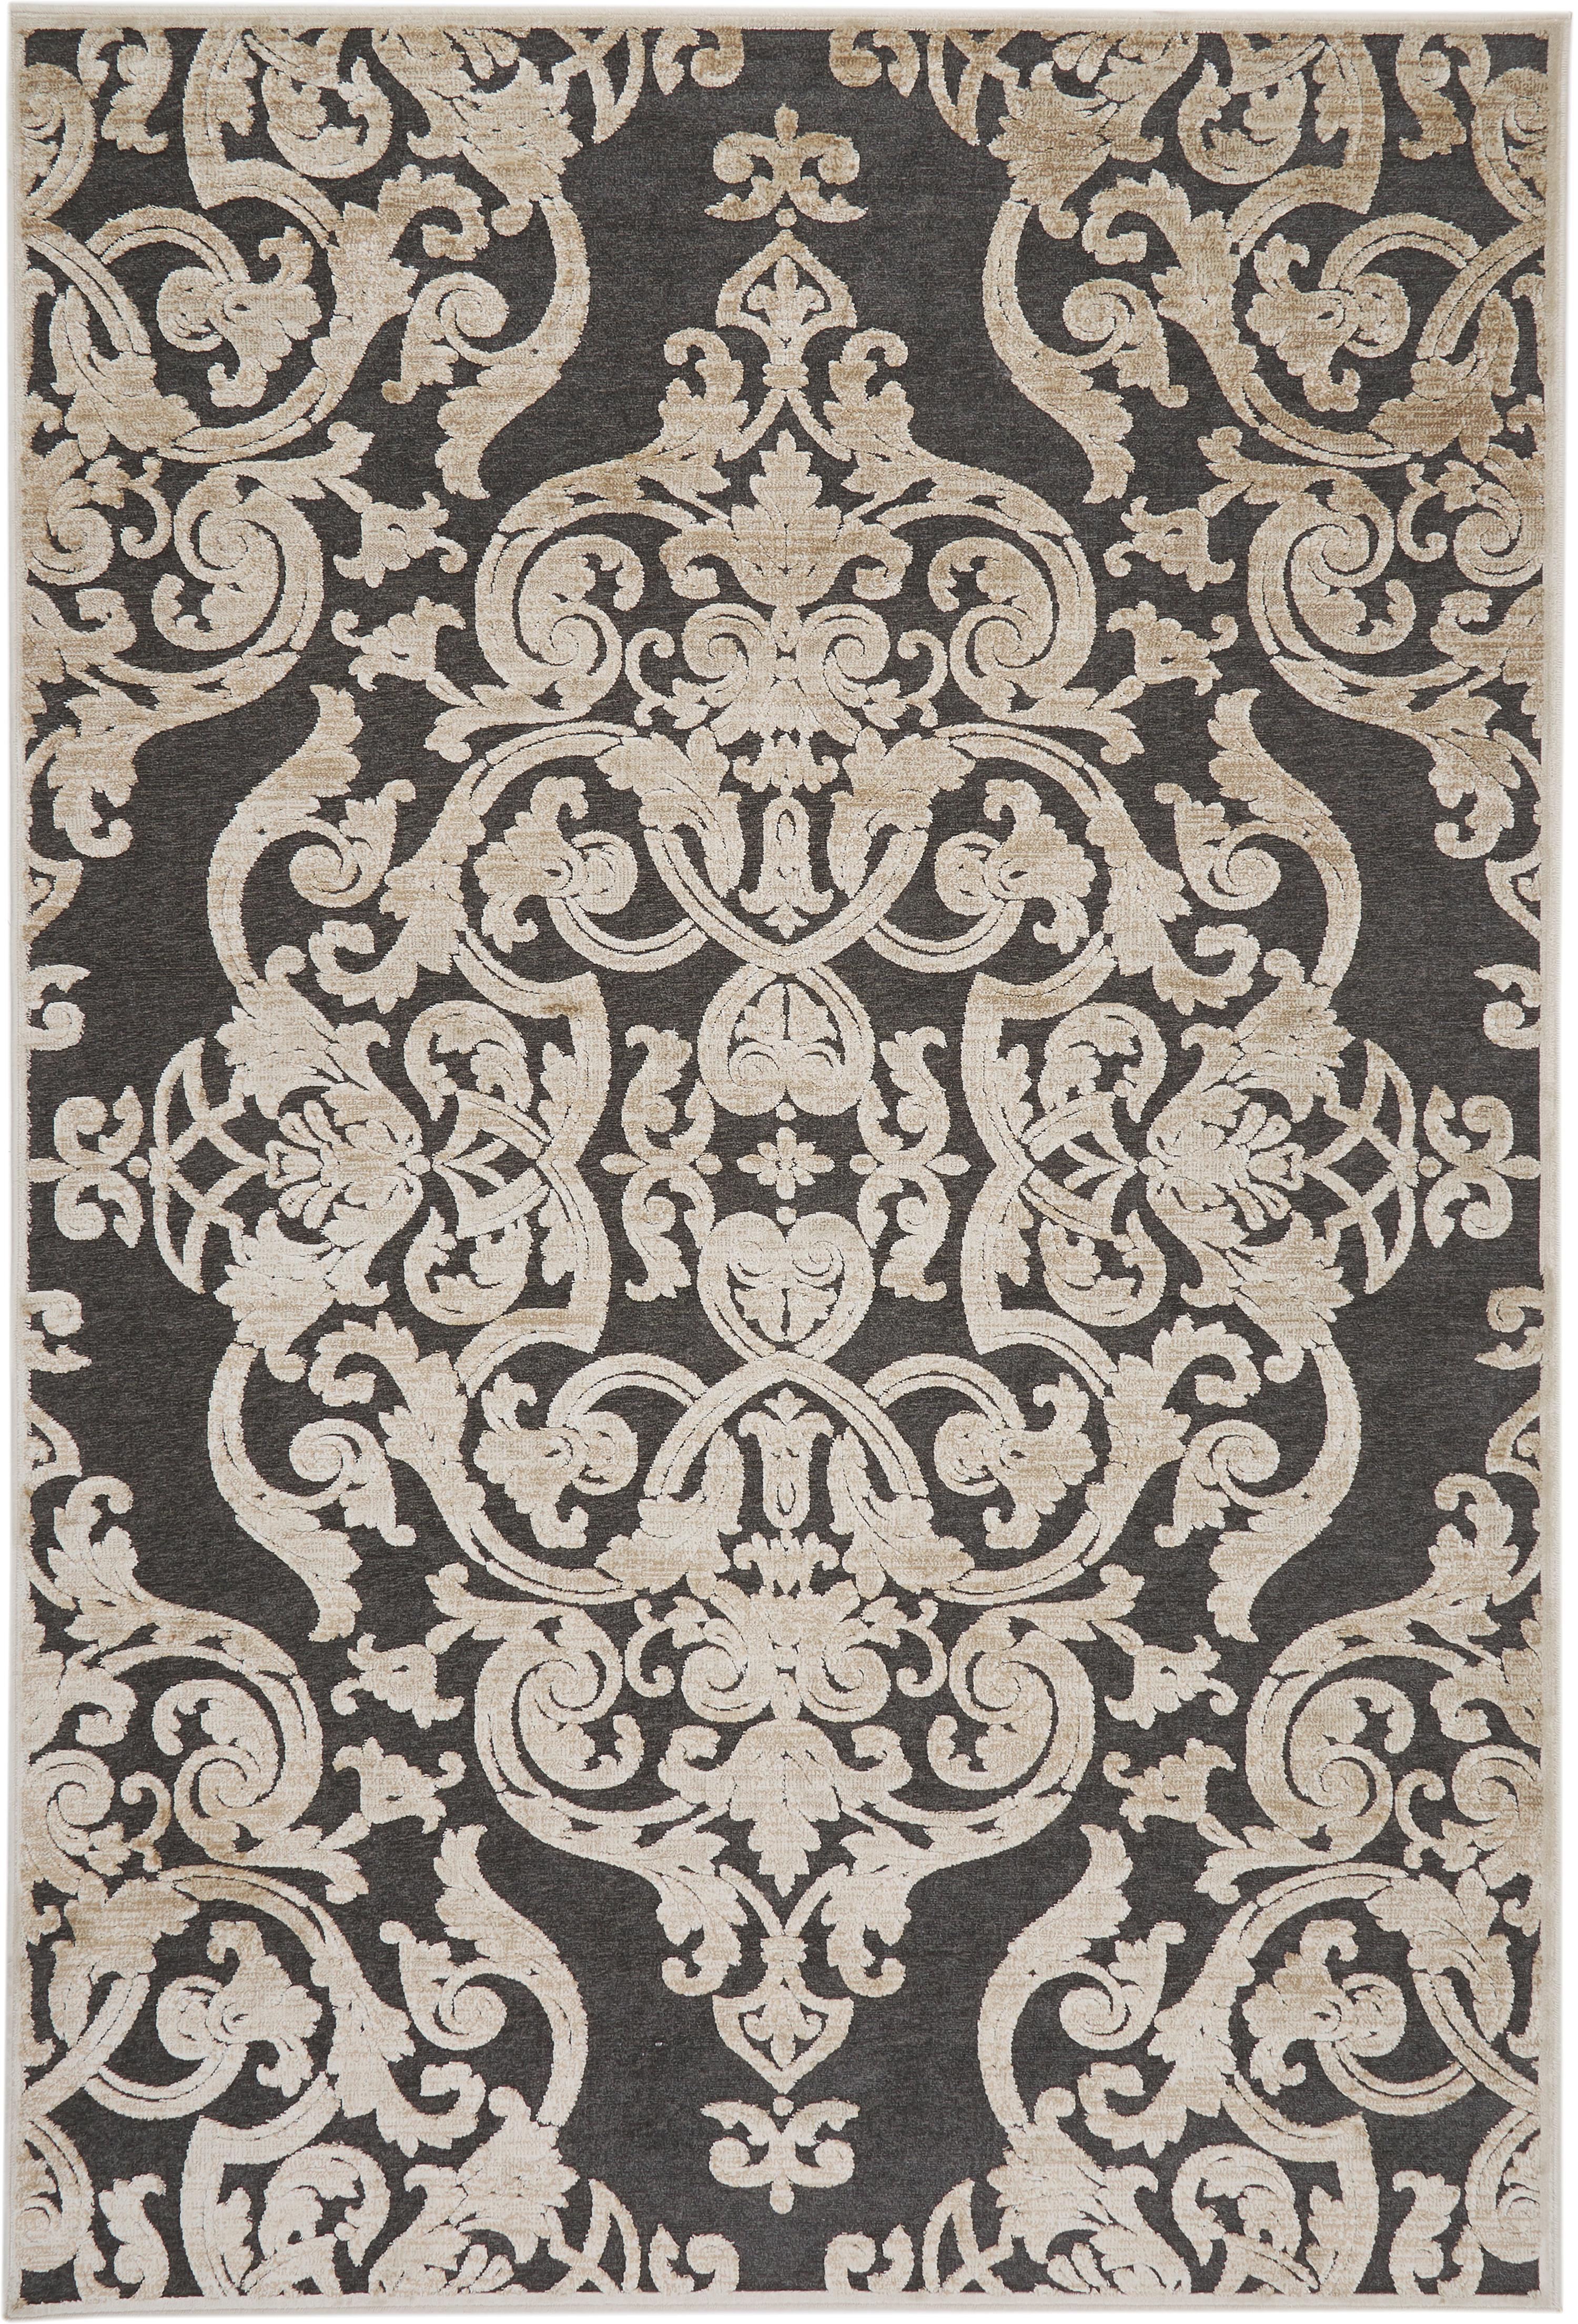 Vintage Viskoseteppich Marigot mit Hoch-Tief-Effekt, Flor: 100% Viskose, Grau, Creme, B 160 x L 230 cm (Größe M)